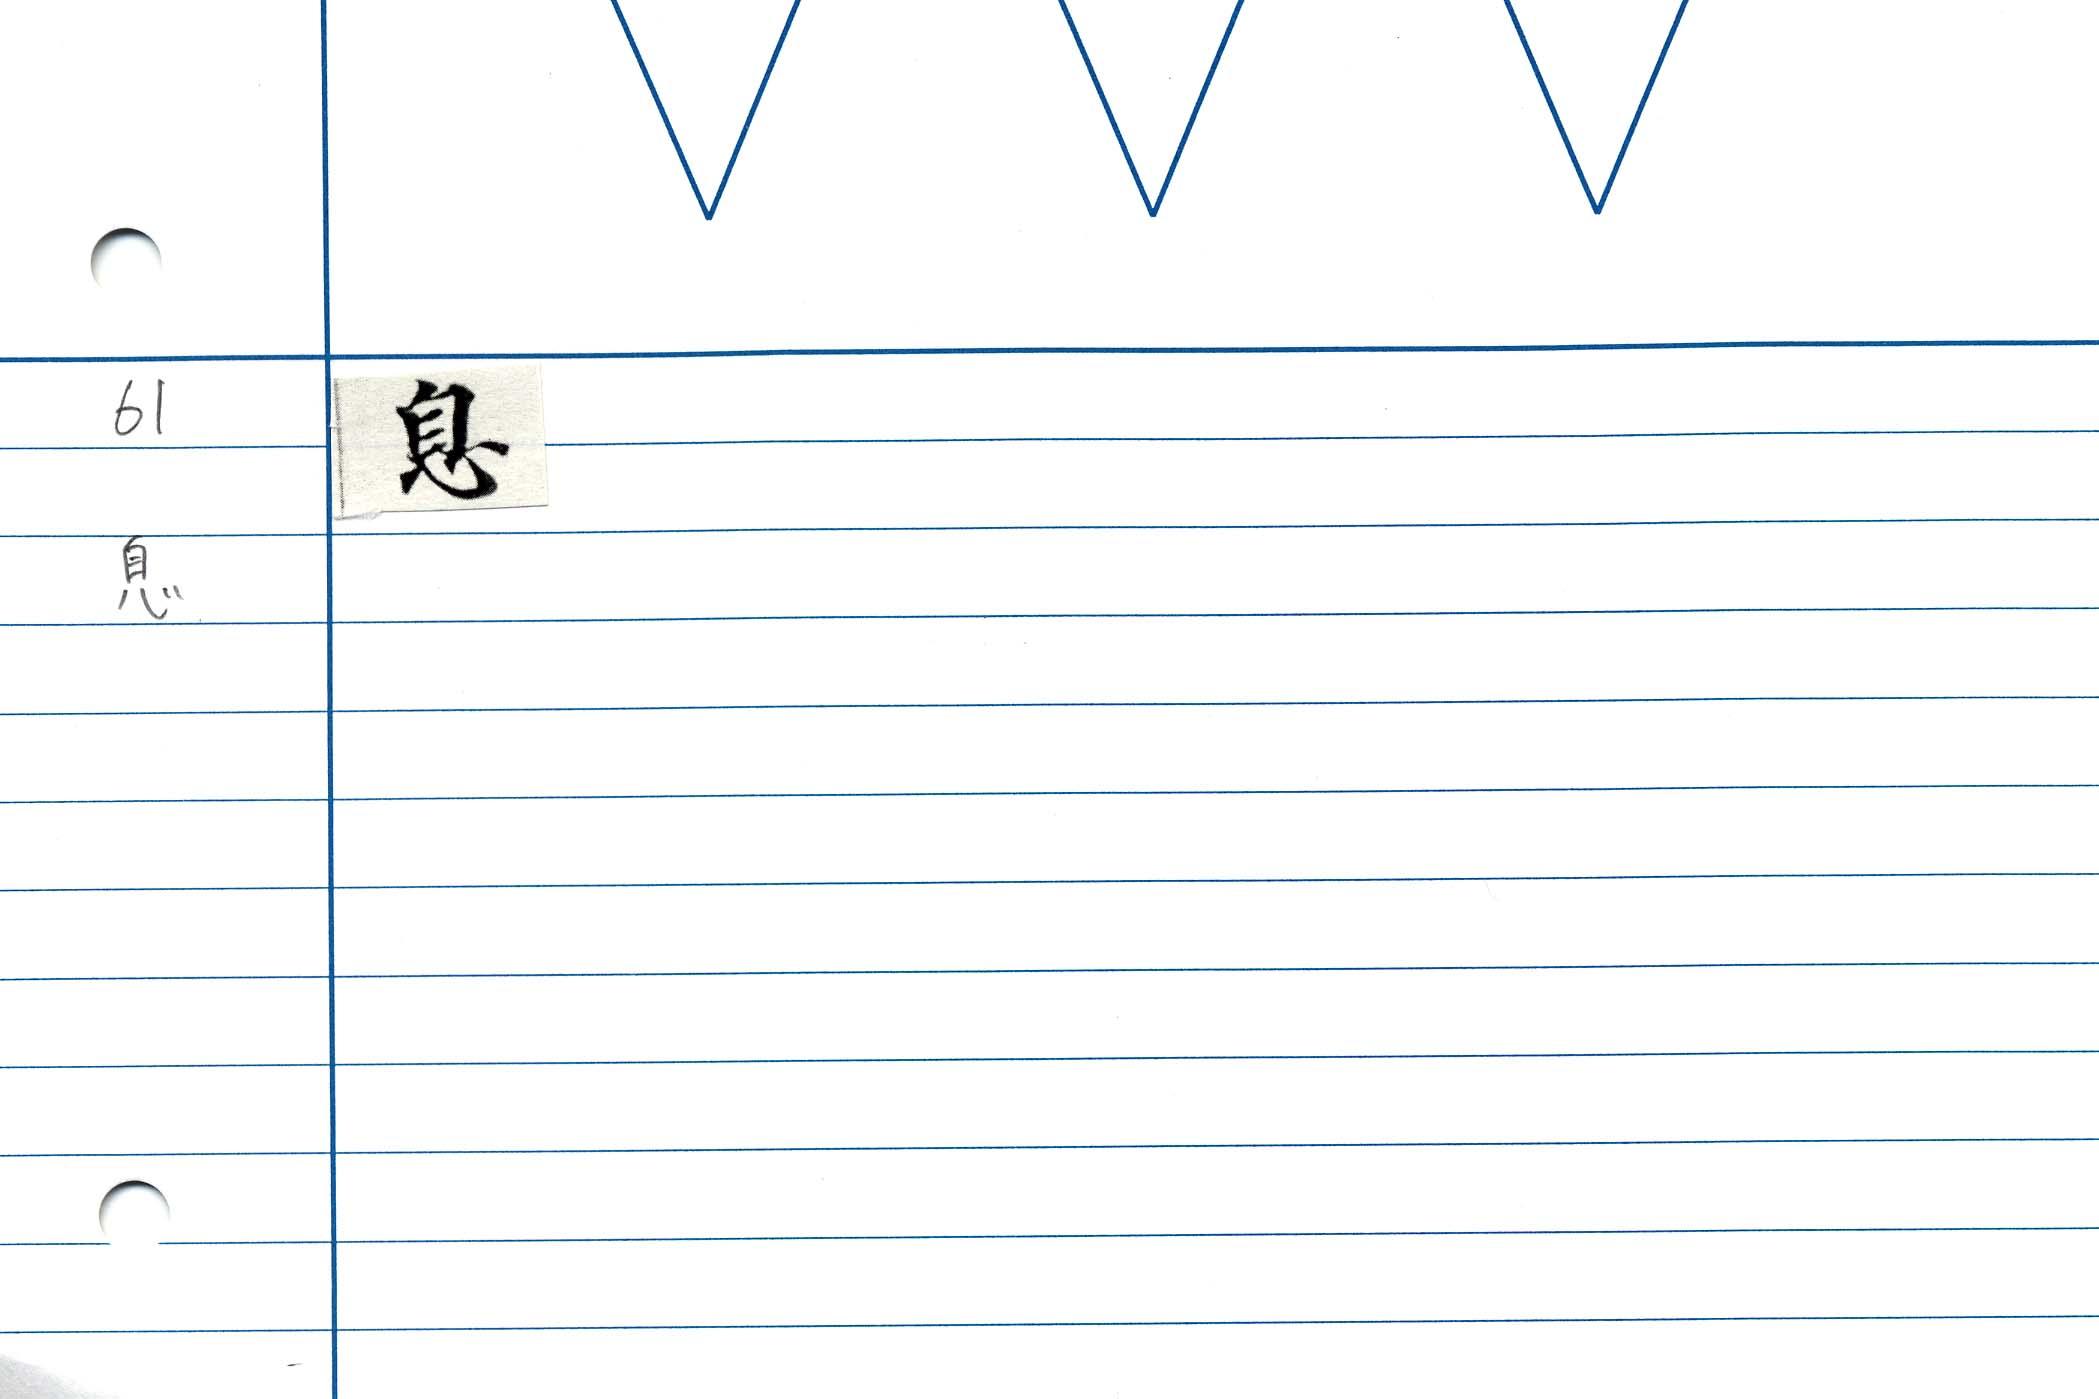 49_華嚴經卷三十八(趙氏藏本)/cards/0046.jpg